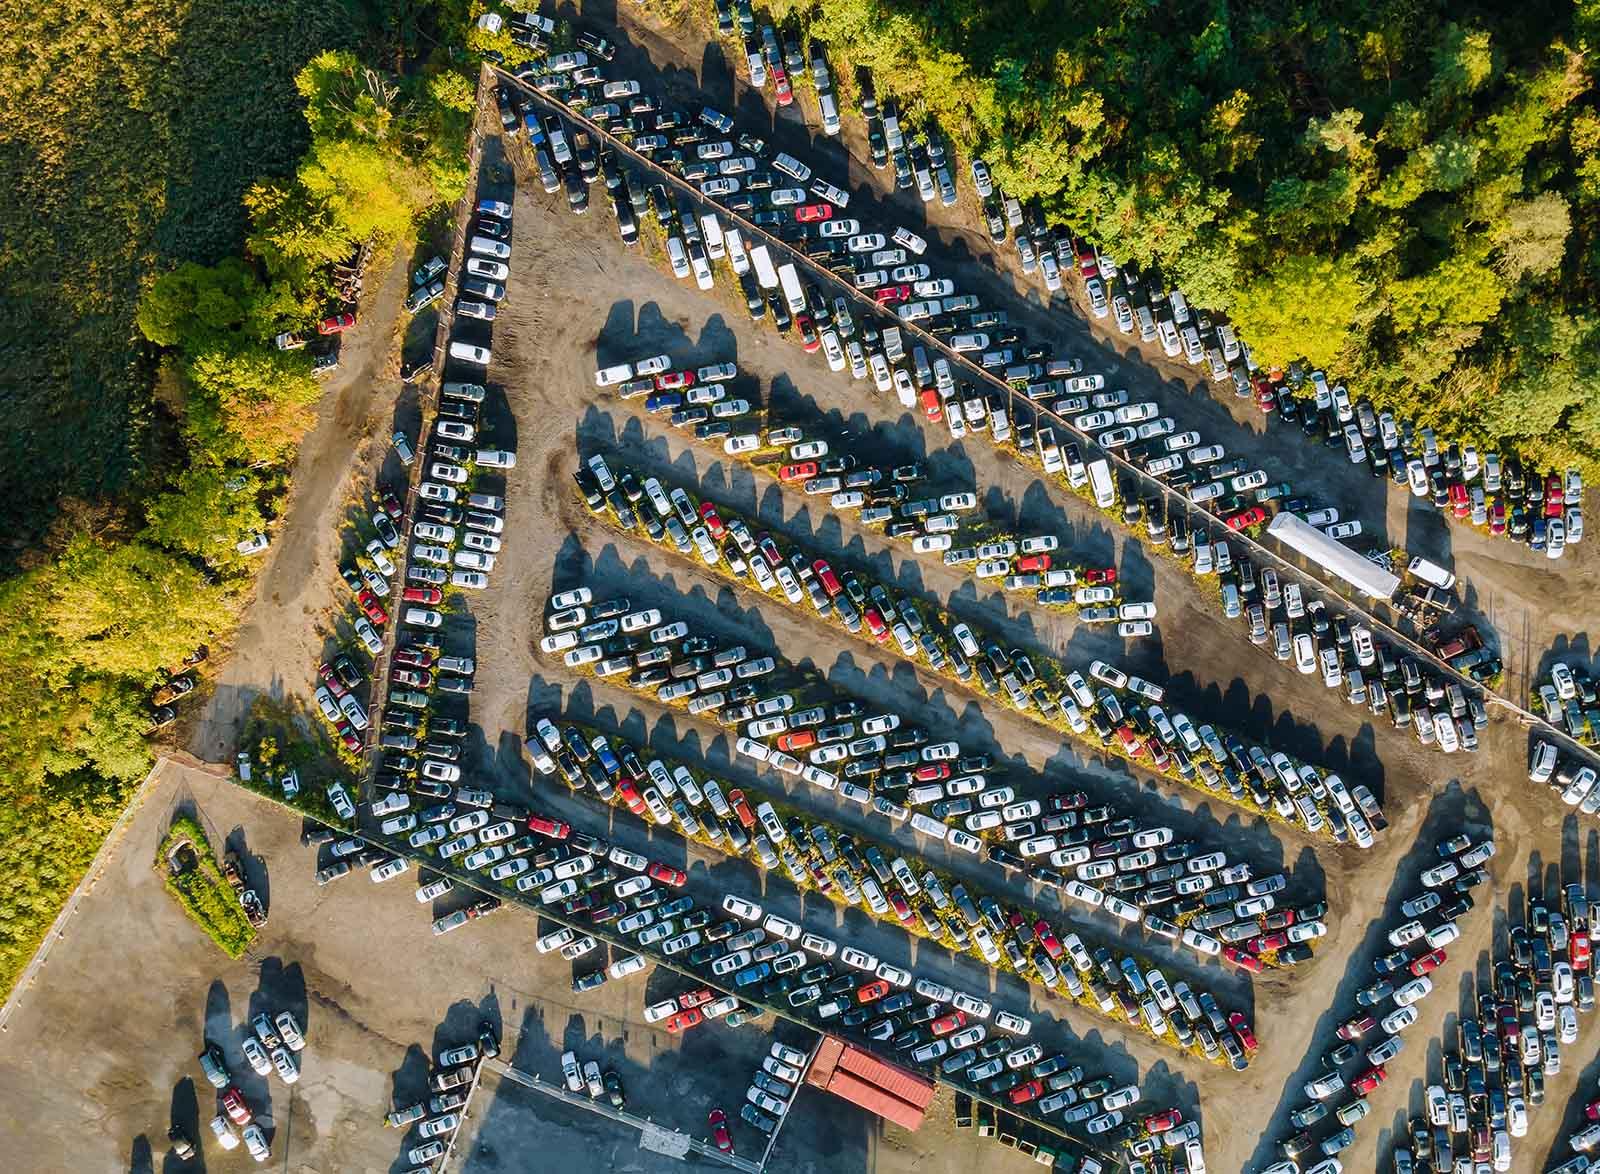 Vår bilskrot i Norrköping hjälper er skrota er bil. Hör av er till oss på vår bilskrot i Norrköping.